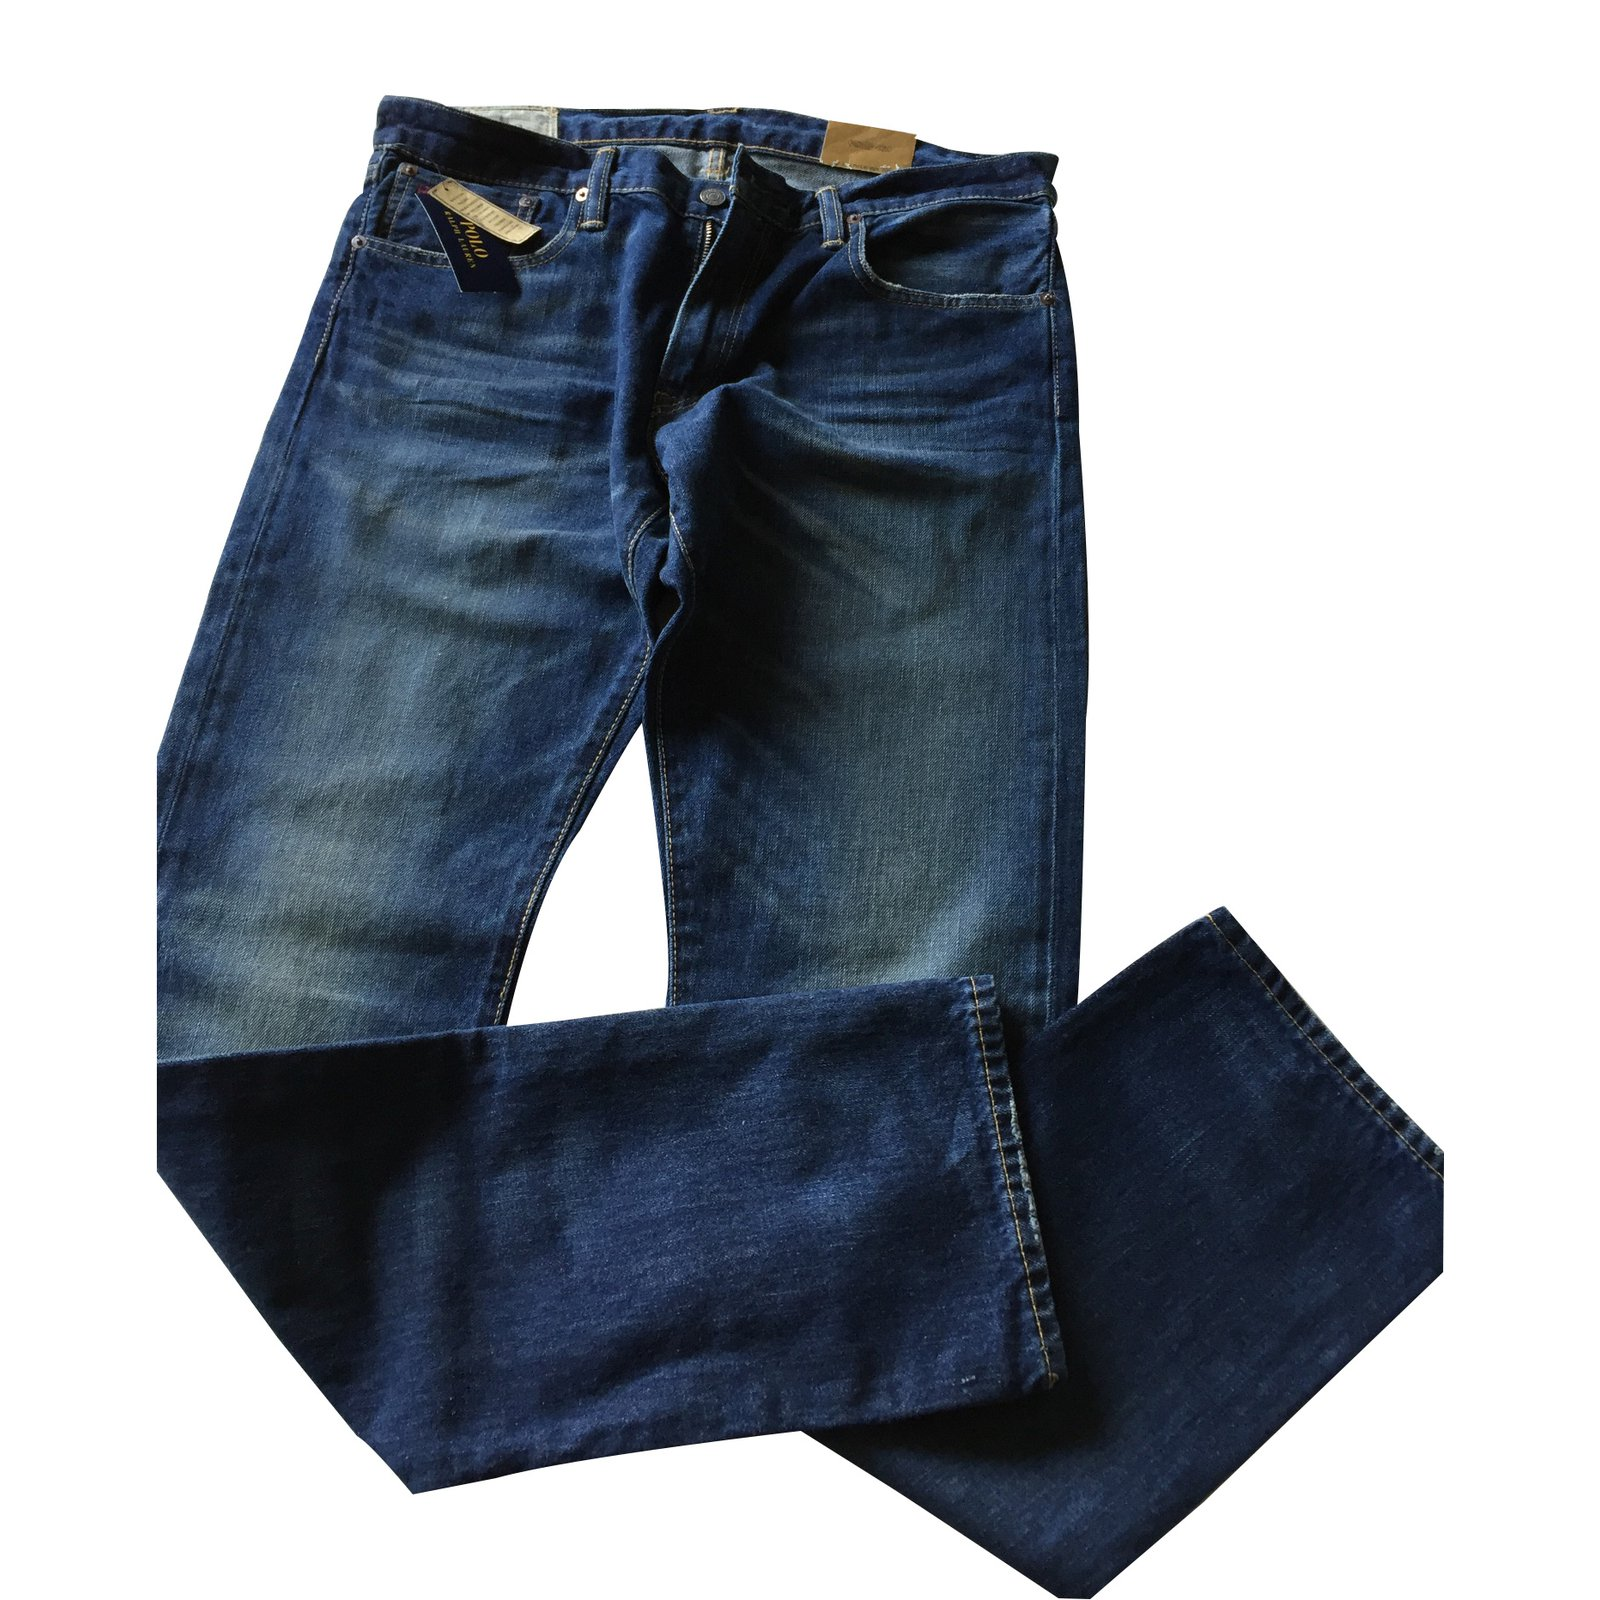 Ralph Ralph Jeans Lauren Ralph Polo Polo Polo Jeans Lauren Jeans Polo Jeans Lauren lKFT1Jc